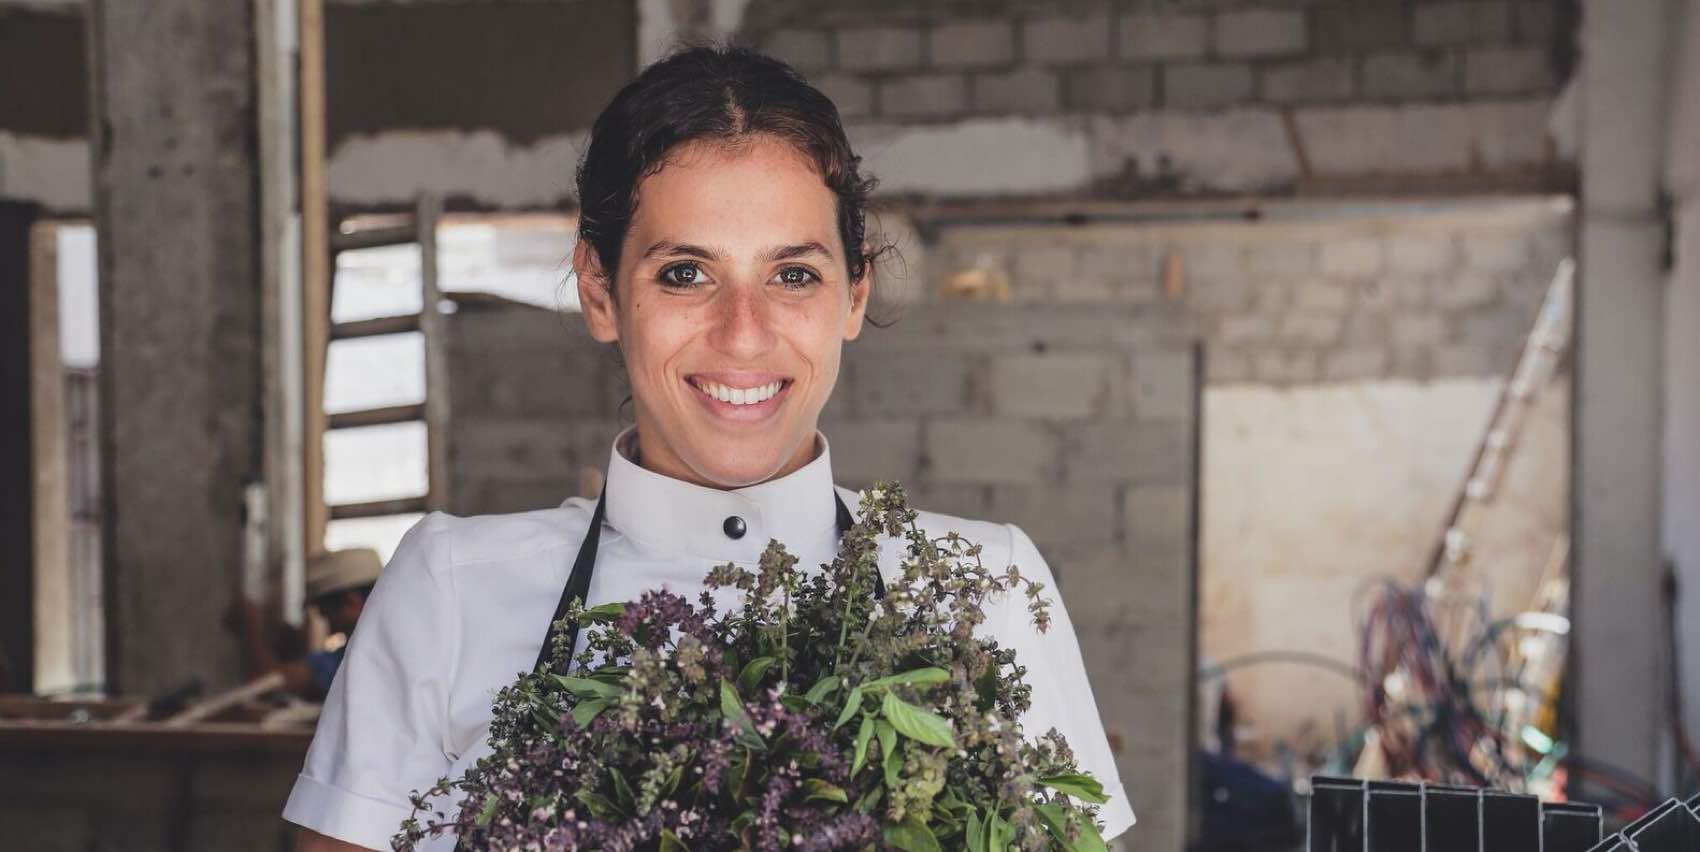 Amerikanske Shiril Berger, en ny stjerne-chef på den kulinariske himmel i Tel Aviv